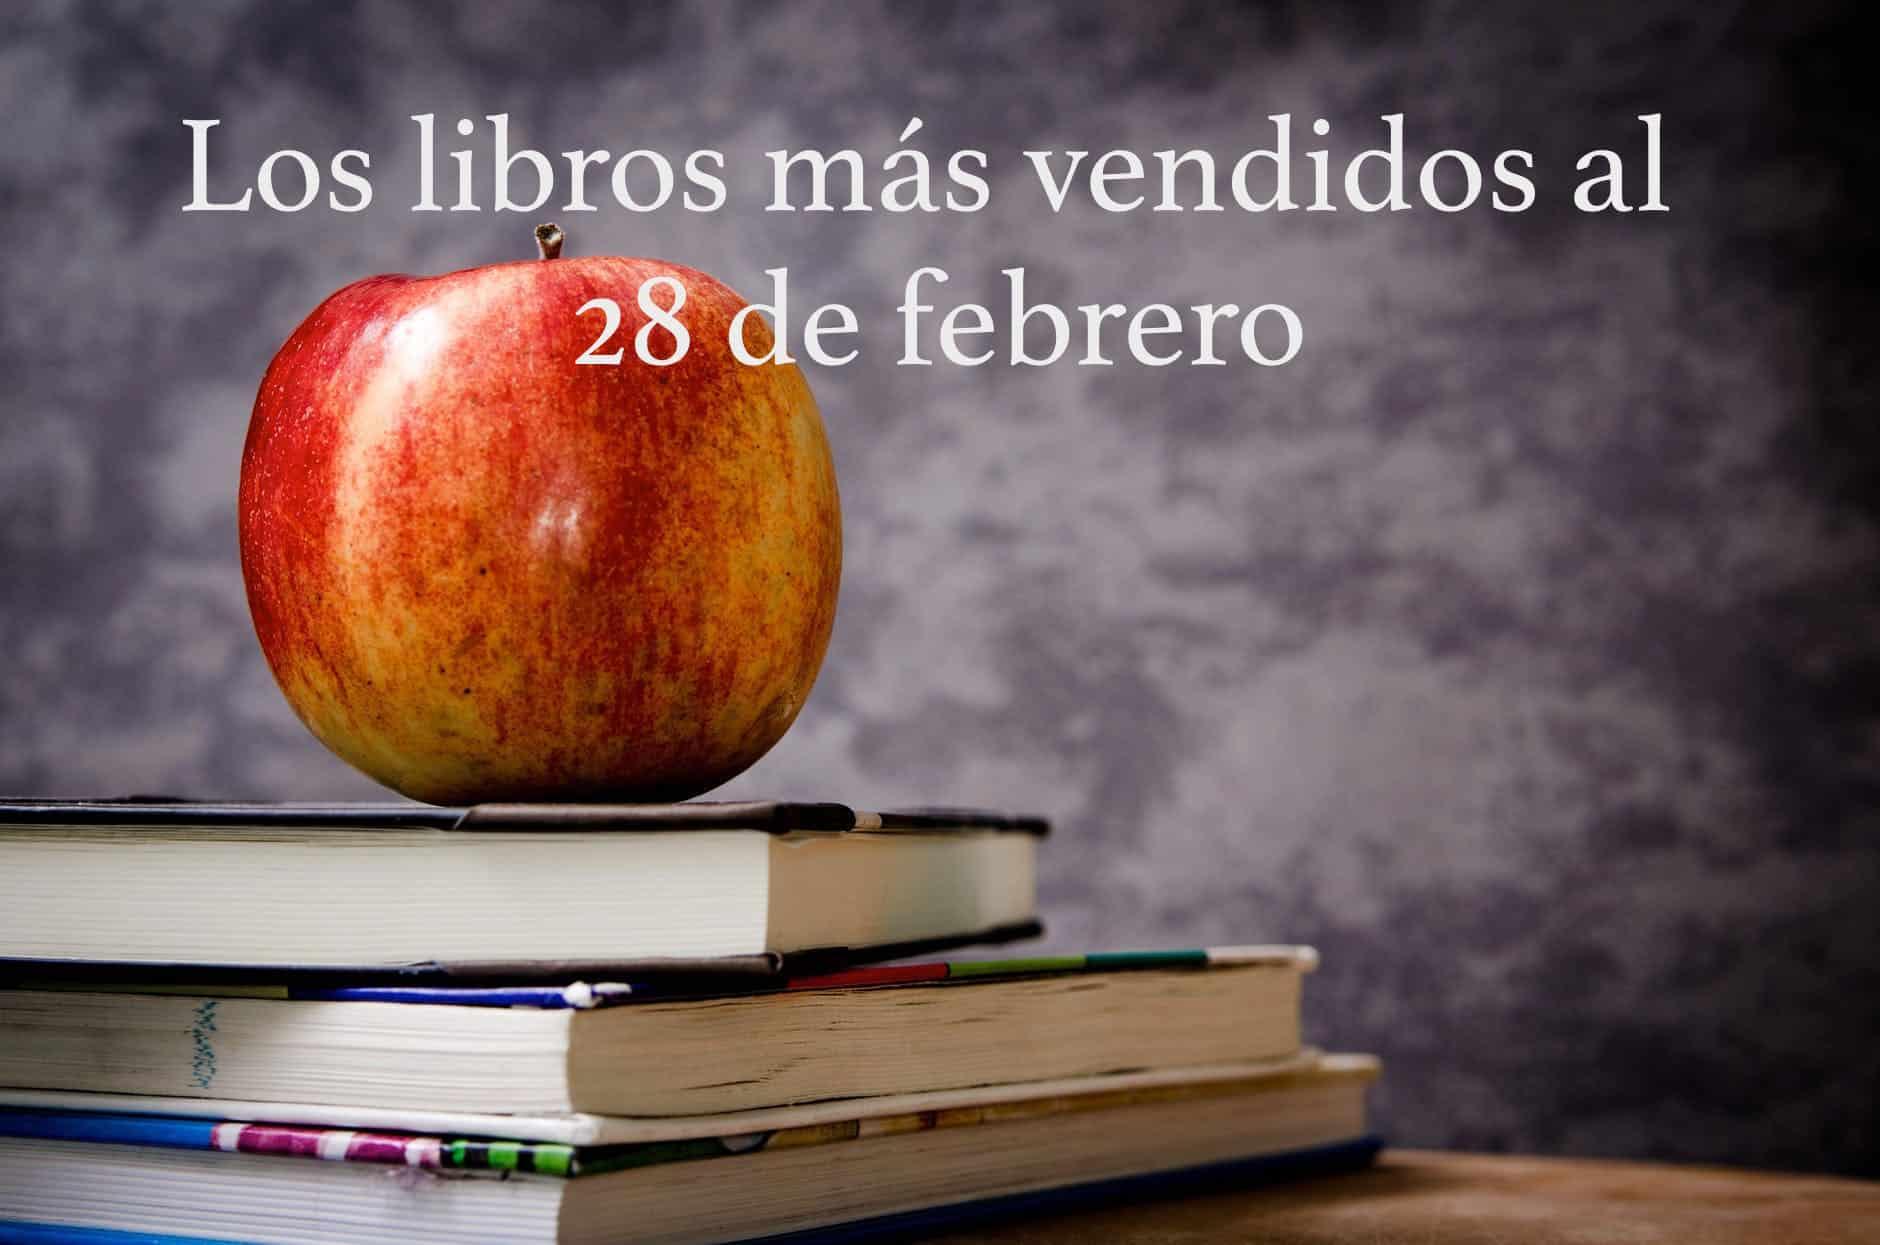 Los libros más vendidos al 28 de febrero